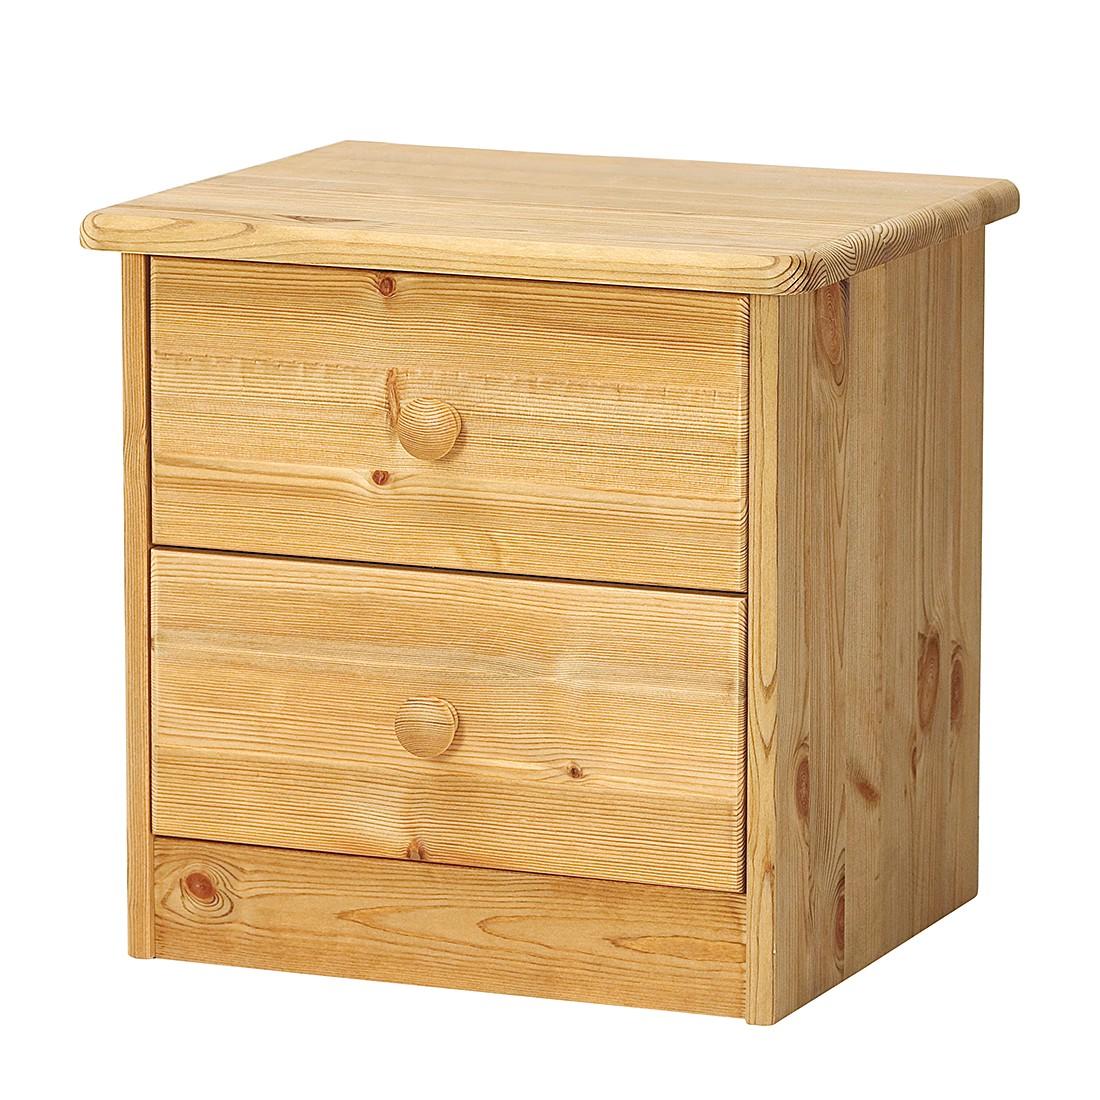 buffets sideboards online g nstig kaufen ber shop24. Black Bedroom Furniture Sets. Home Design Ideas